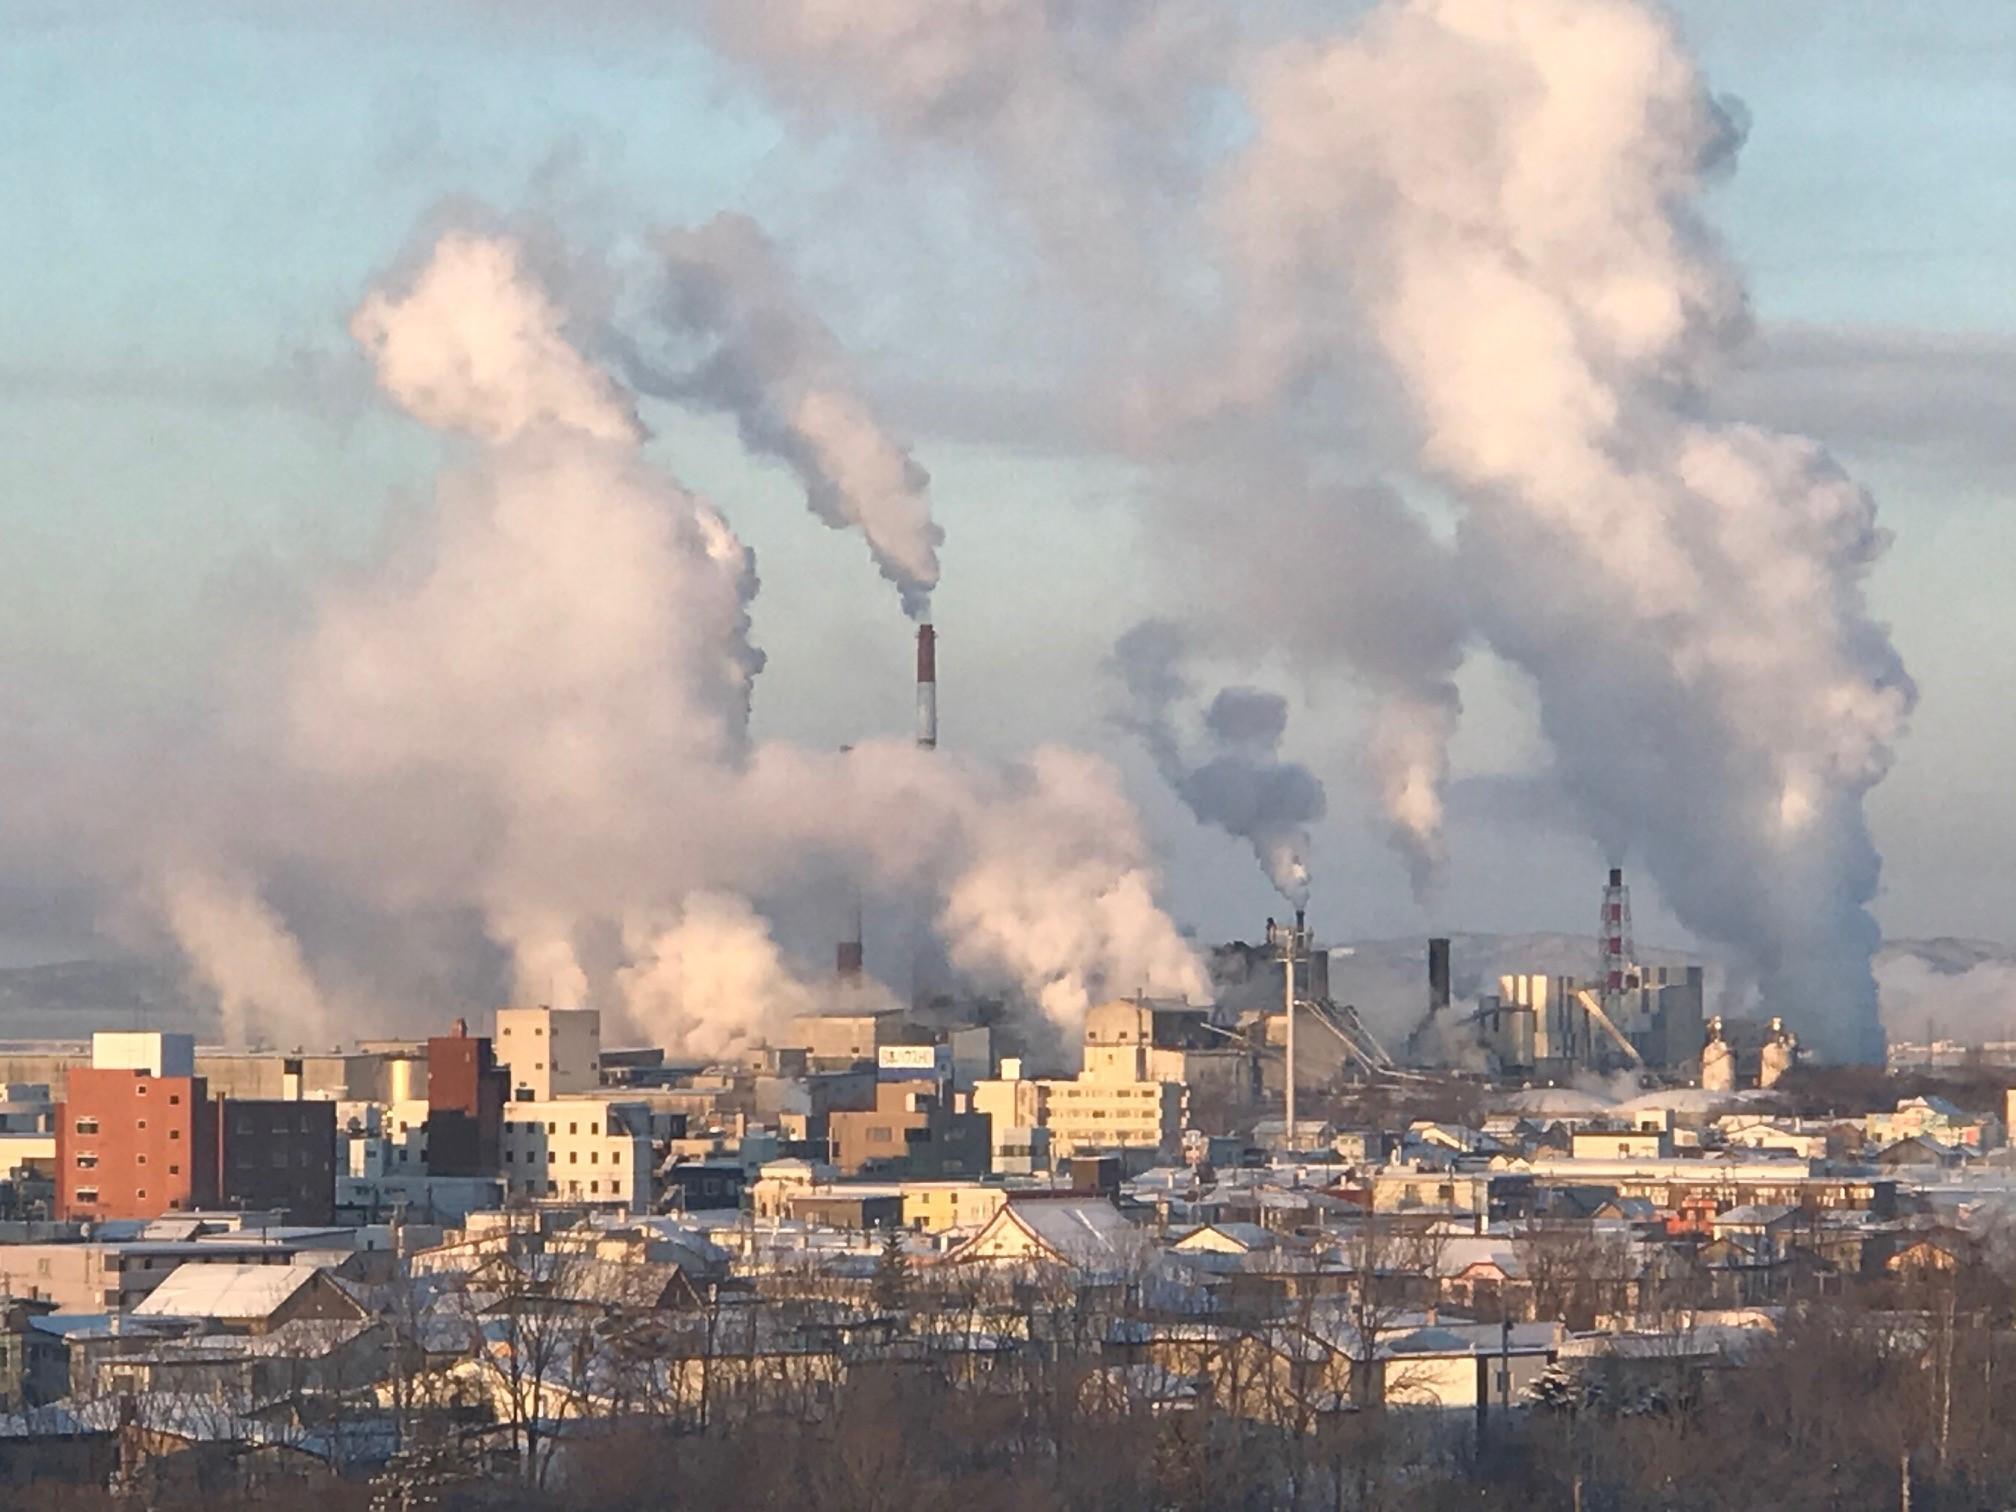 残った煙と消えゆく煙  3月1日_f0113639_12575279.jpg